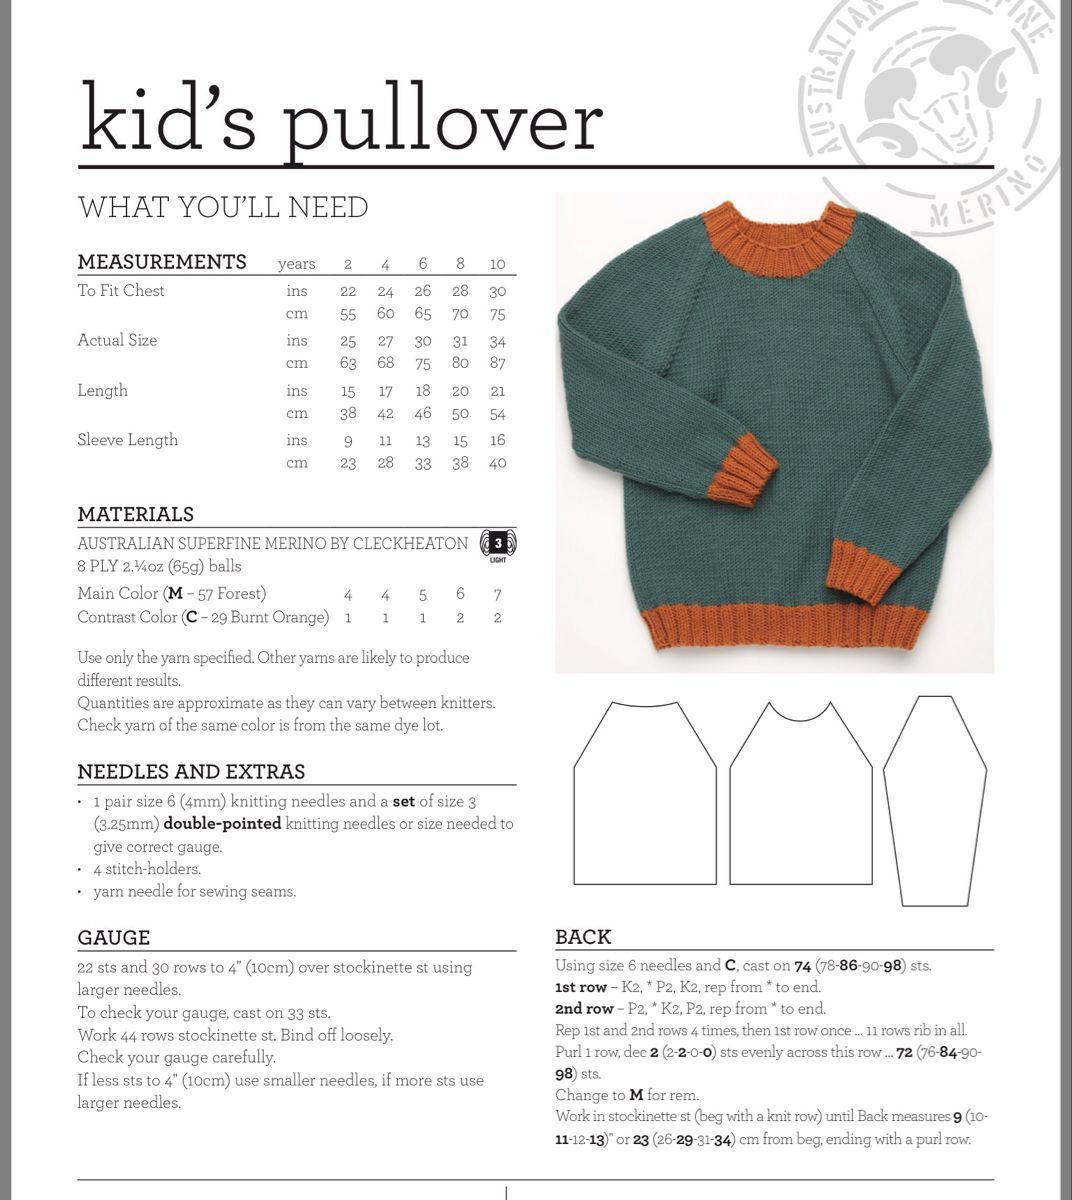 Pin by Barb Boyachuk on Knitting in 2020 | Boys knitting ...